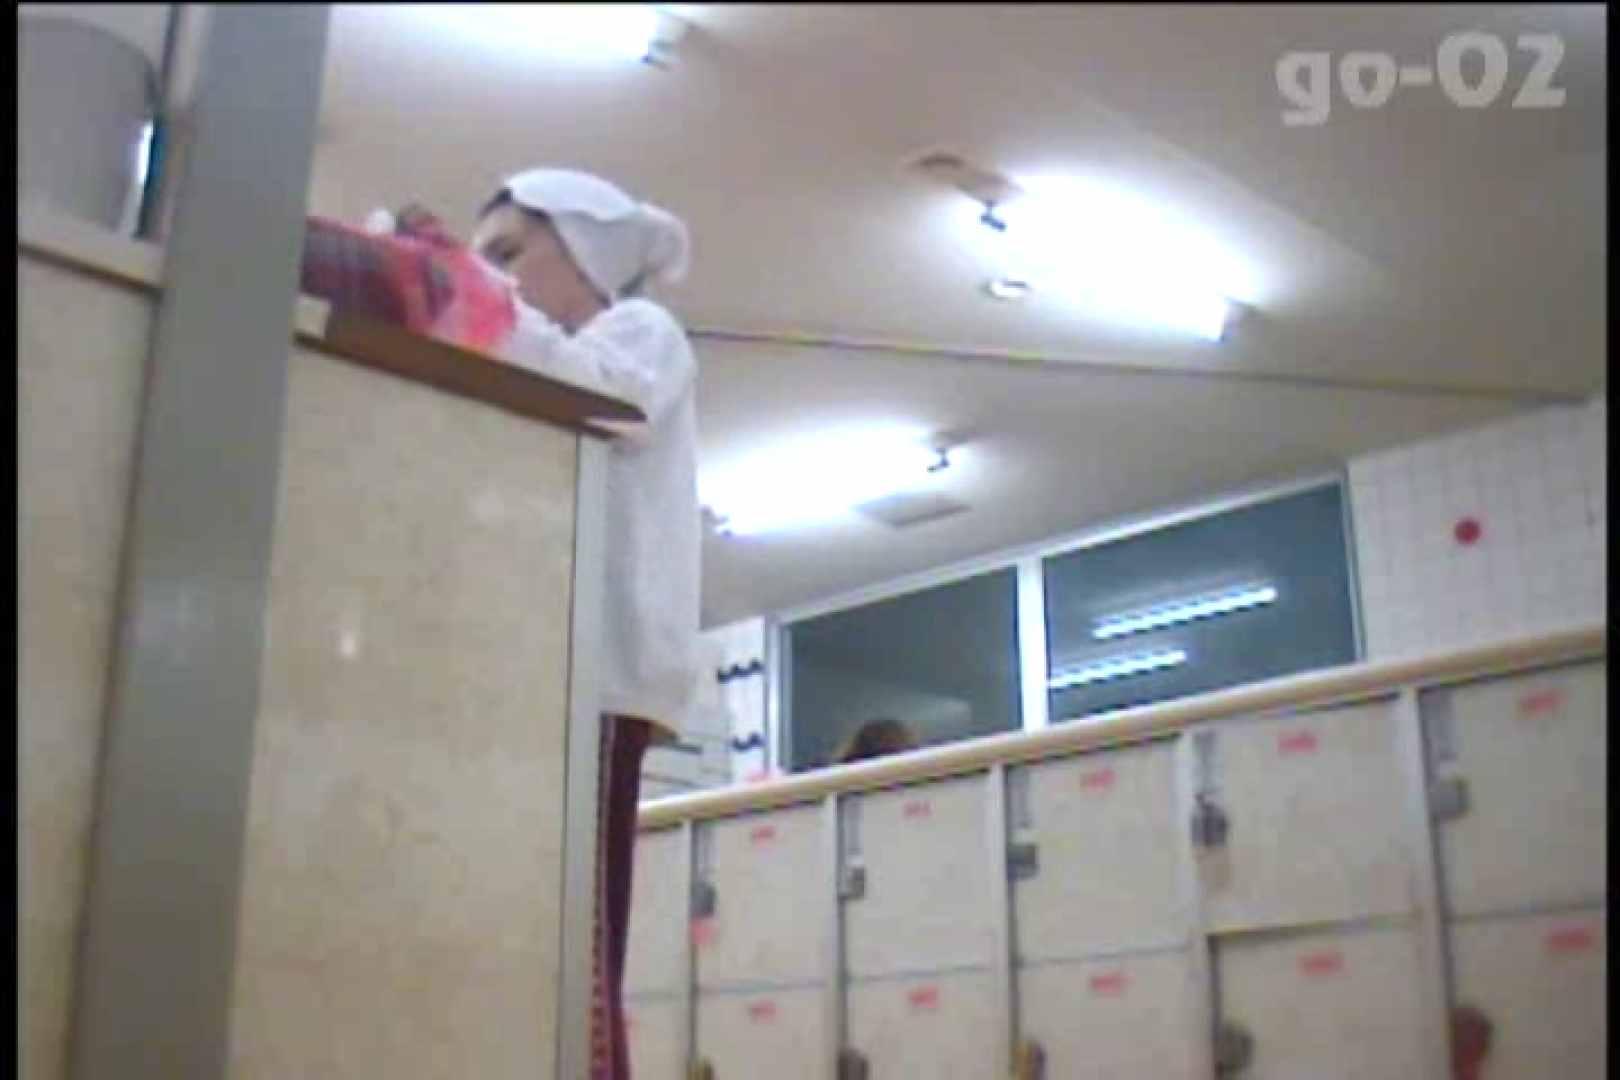 電波カメラ設置浴場からの防HAN映像 Vol.02 シャワー室 すけべAV動画紹介 75画像 52